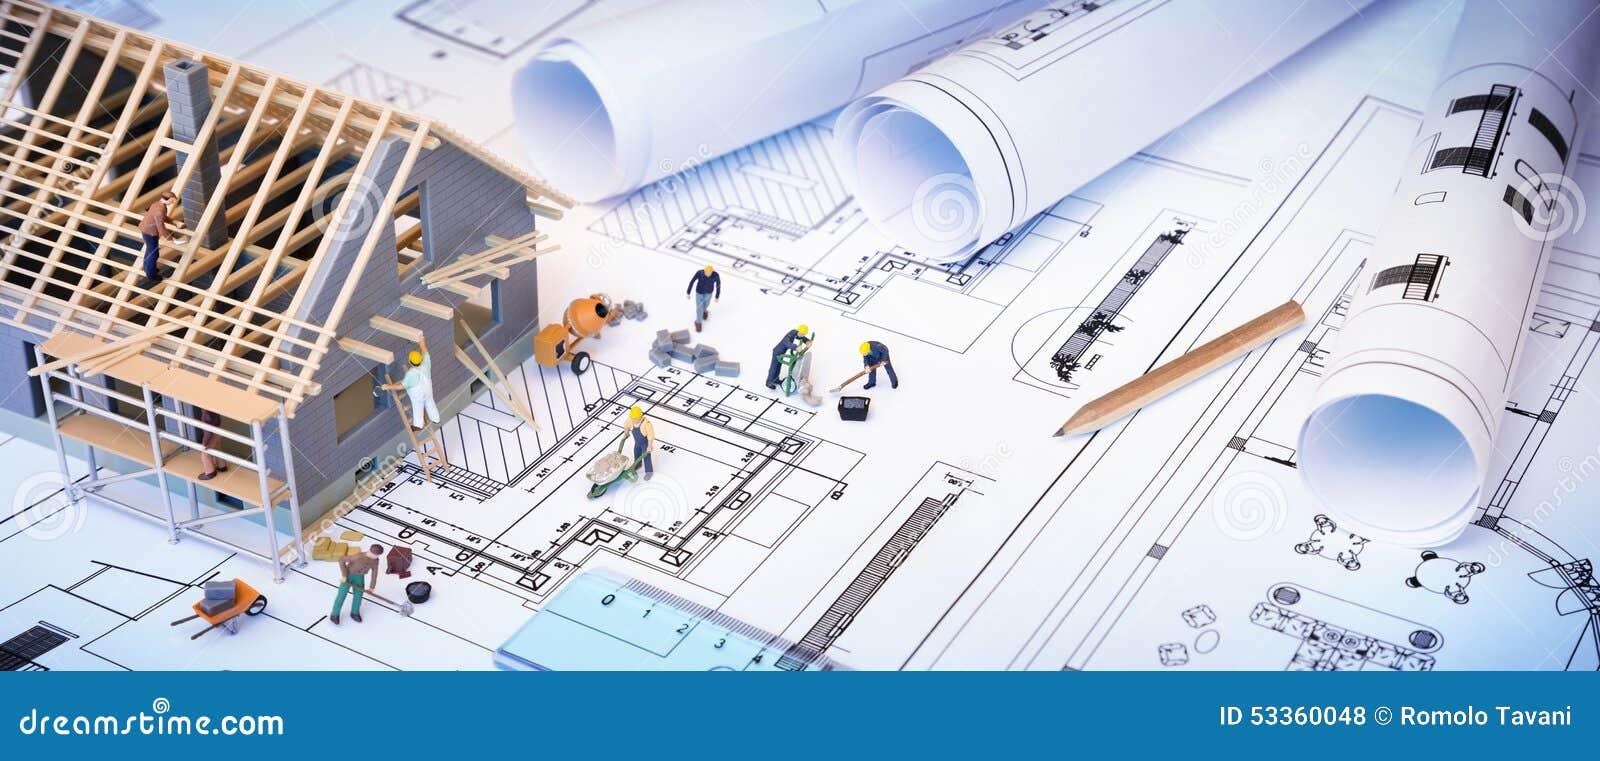 Hus under konstruktion på ritningar